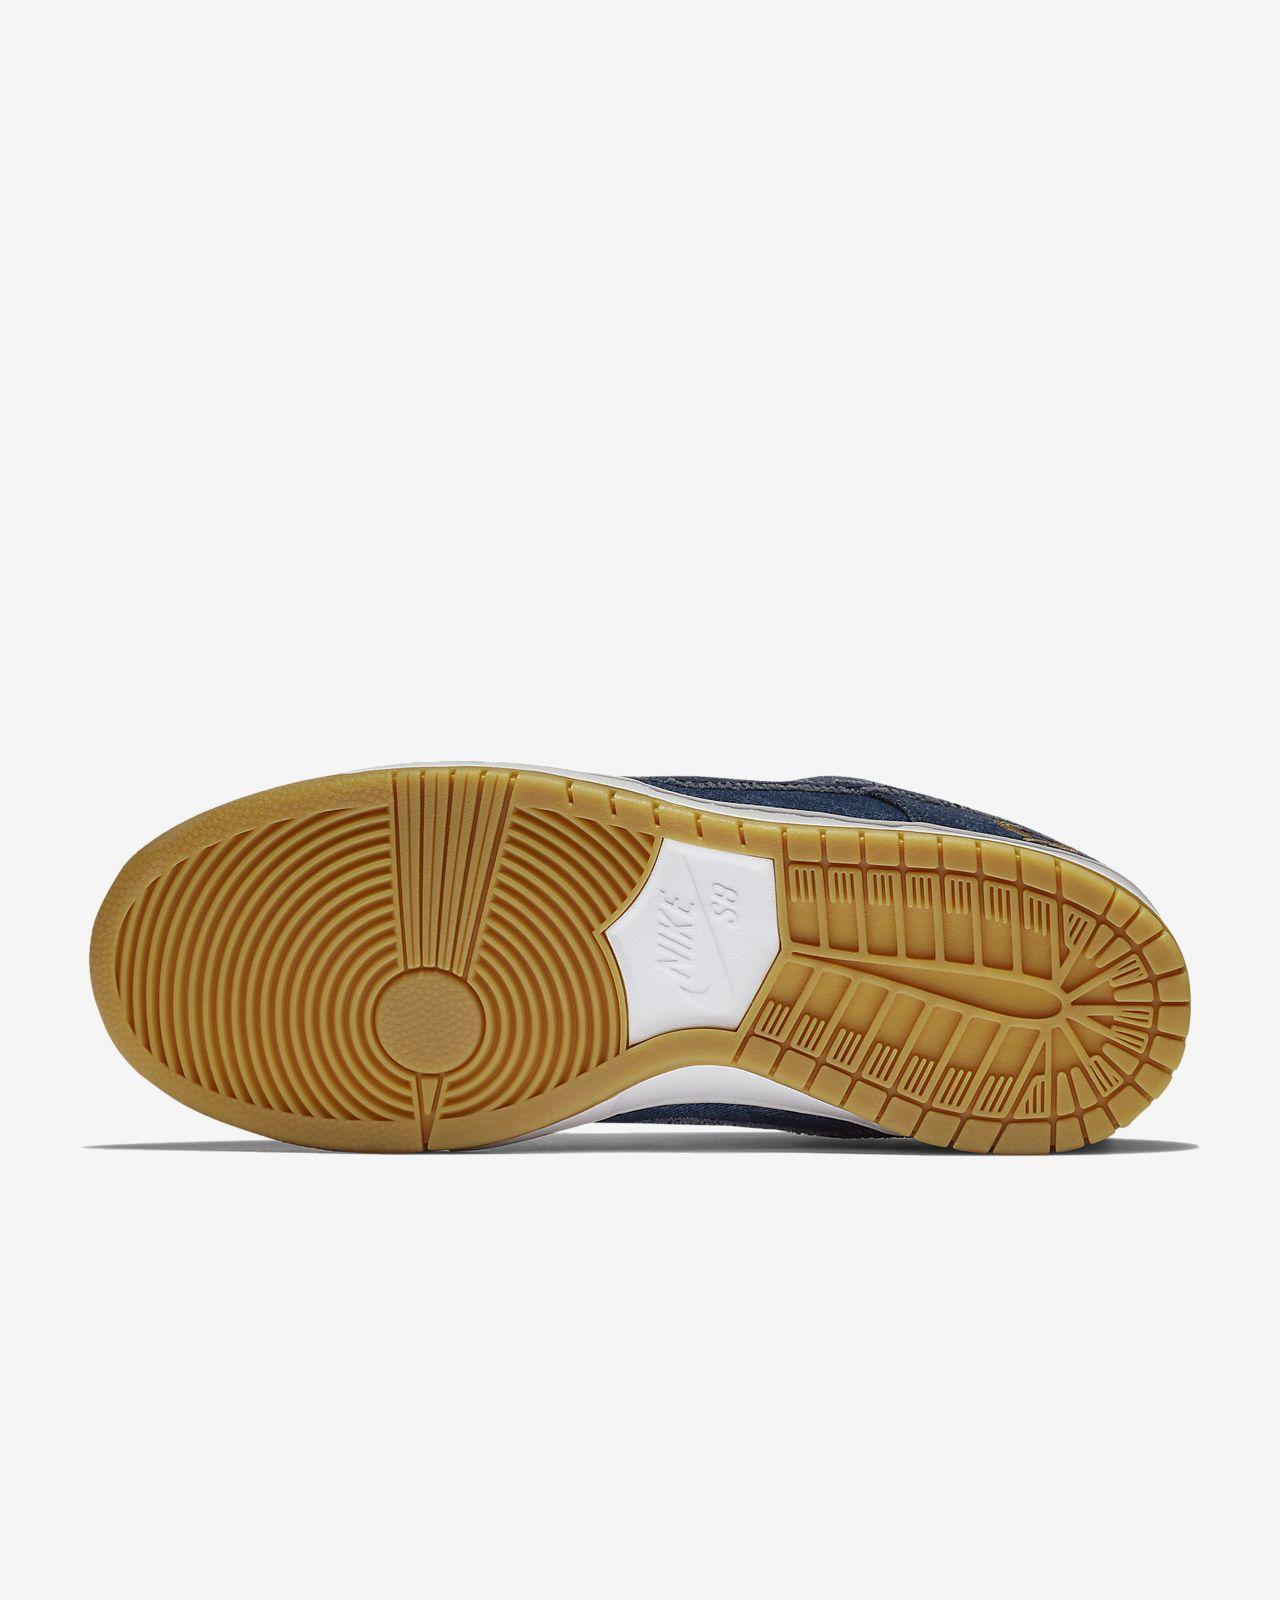 Nike SB Dunk Dunk Dunk Low Pro Herren-Skateboardschuh Sparen Sie über 50%-AR2107DS 017776